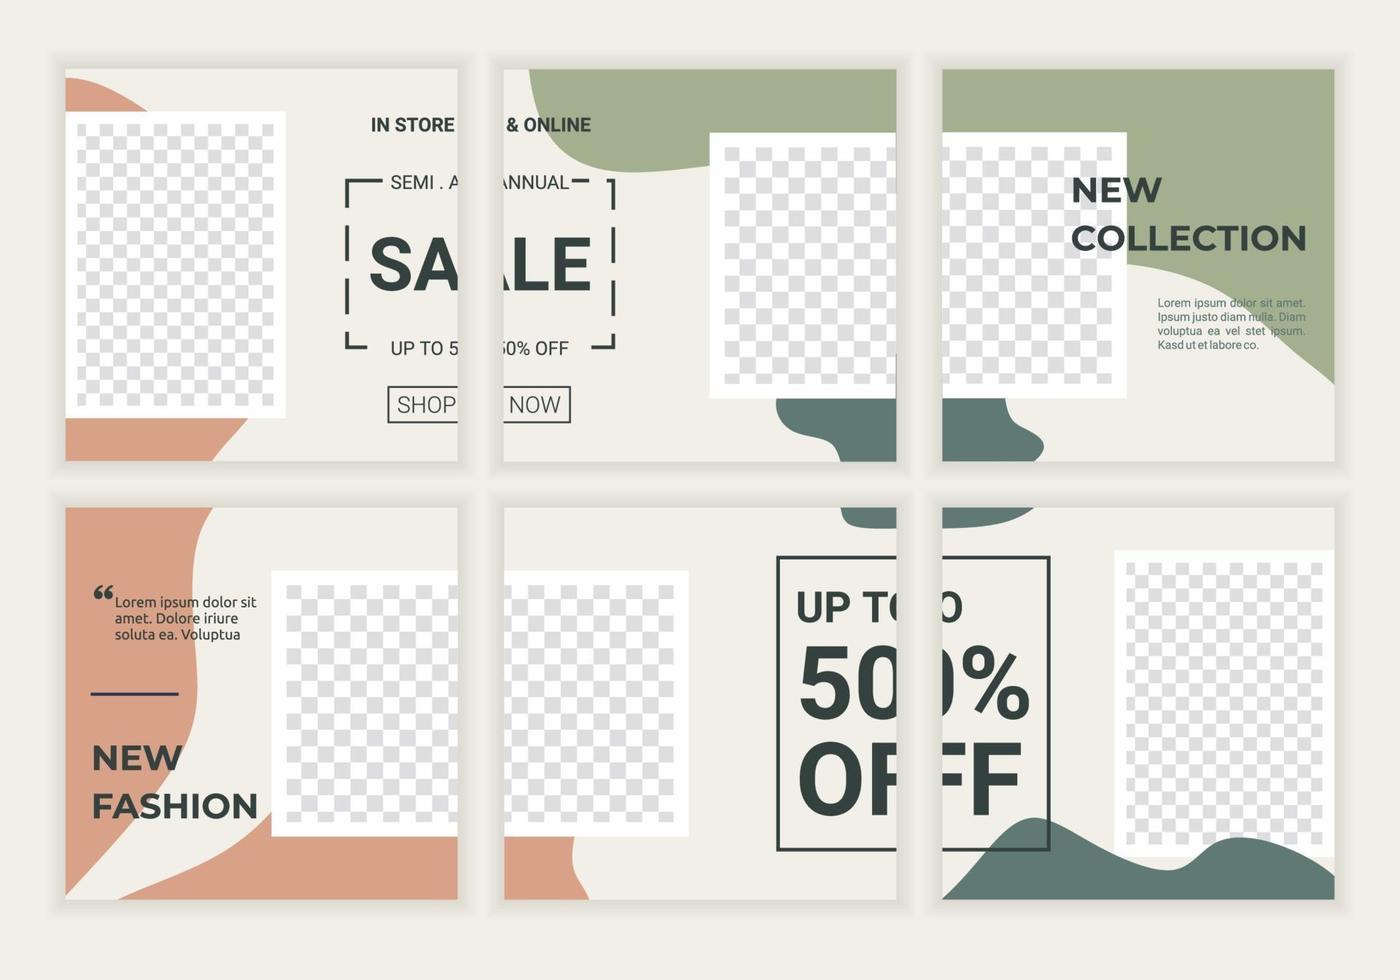 uppsättning redigerbar fyrkantig banner för annonsörsmall. perfekt för reklam och varumärke en modebutik, make up butik, hudvård butik. vektor illustration bakgrund med pastellfärg ram